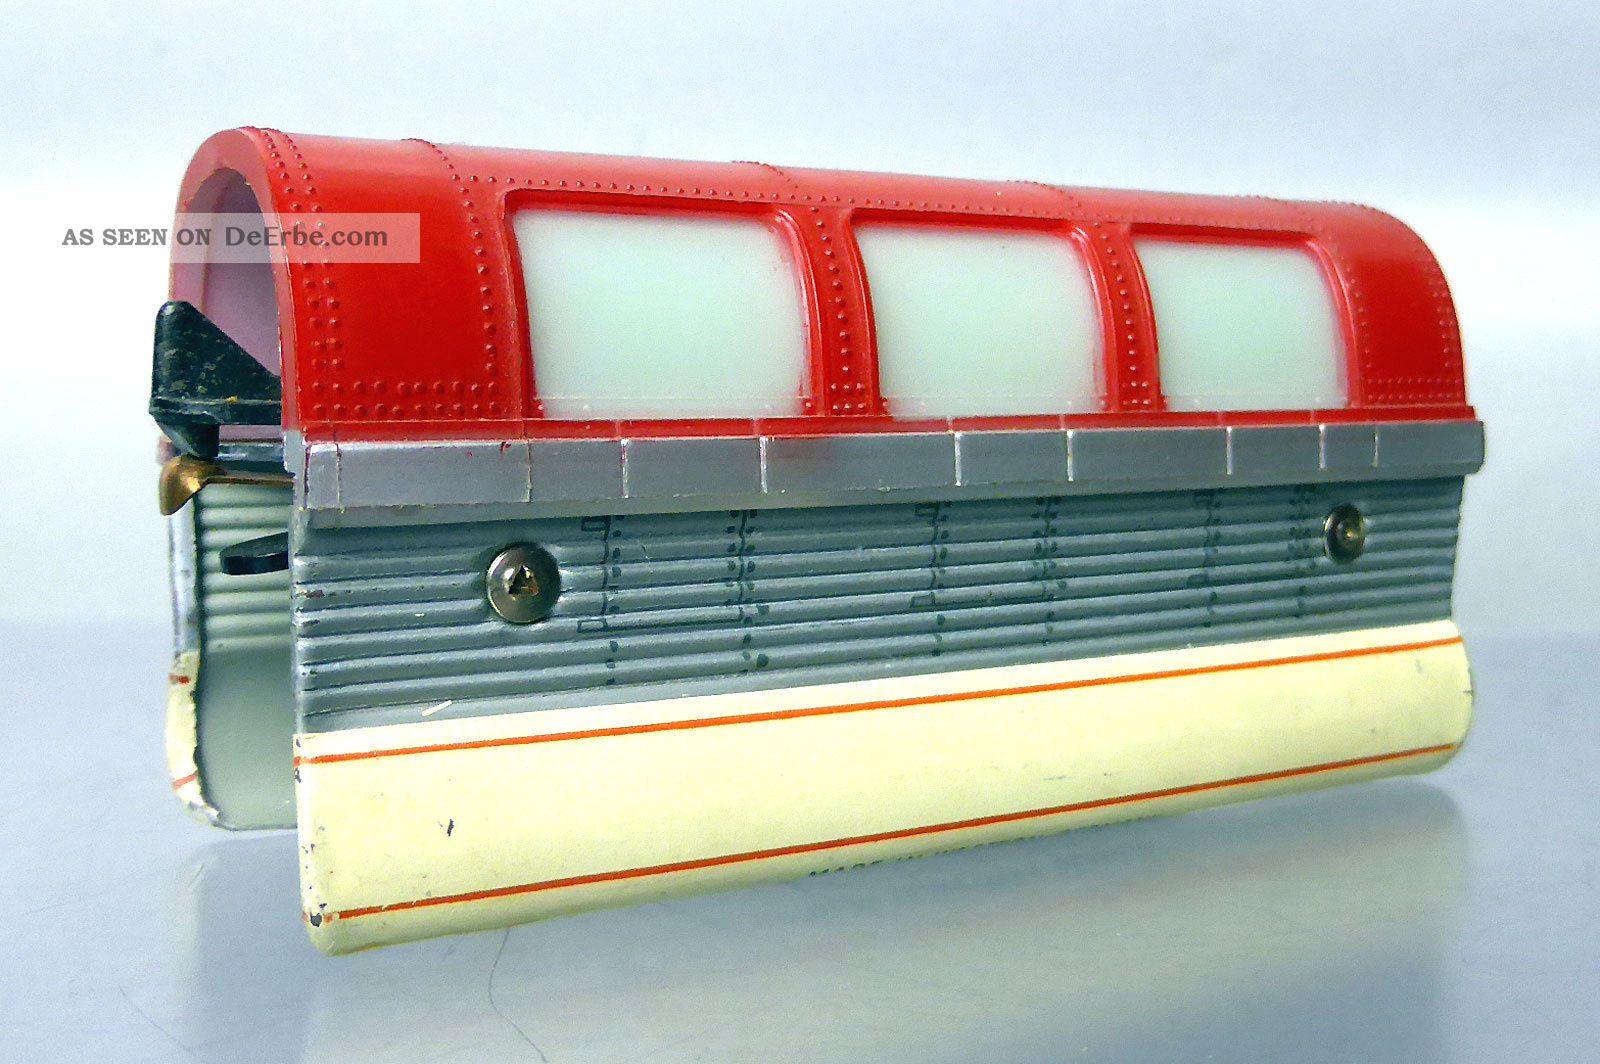 Schuco Monorail 6333/0/2; Mittelwagen Rot - Beige /d625 Original, gefertigt 1945-1970 Bild